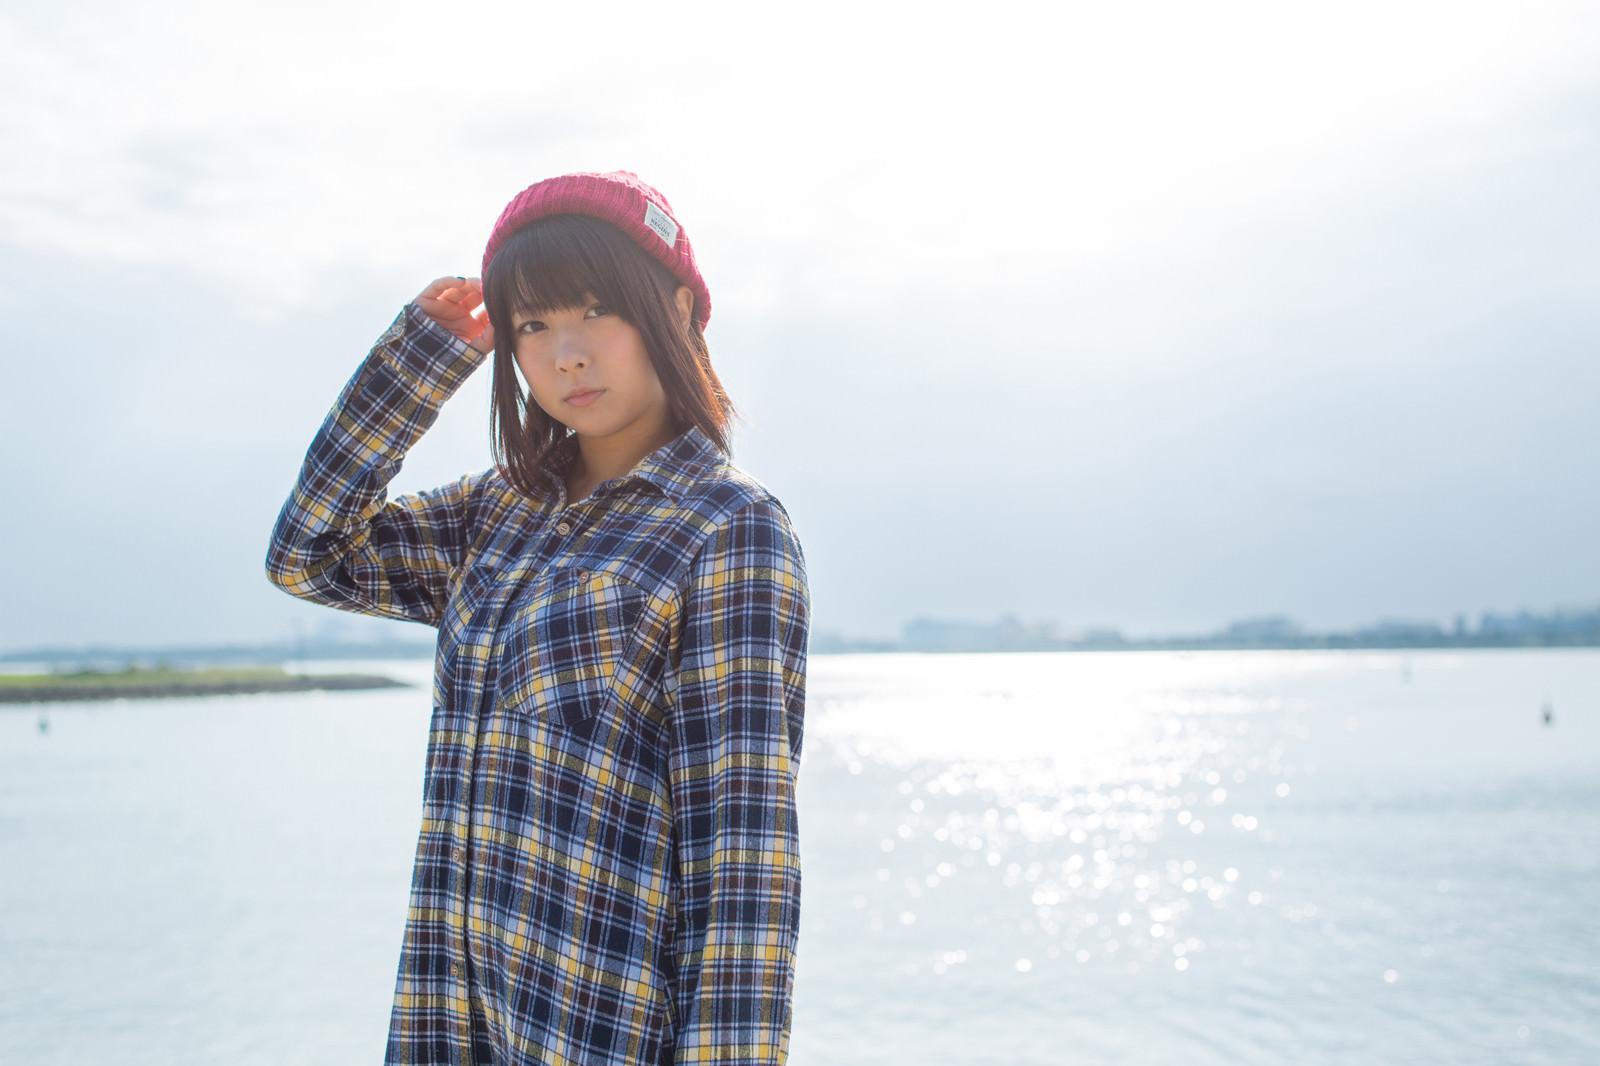 「海面に反射したキラキラと女子 | 写真の無料素材・フリー素材 - ぱくたそ」の写真[モデル:にゃるる]